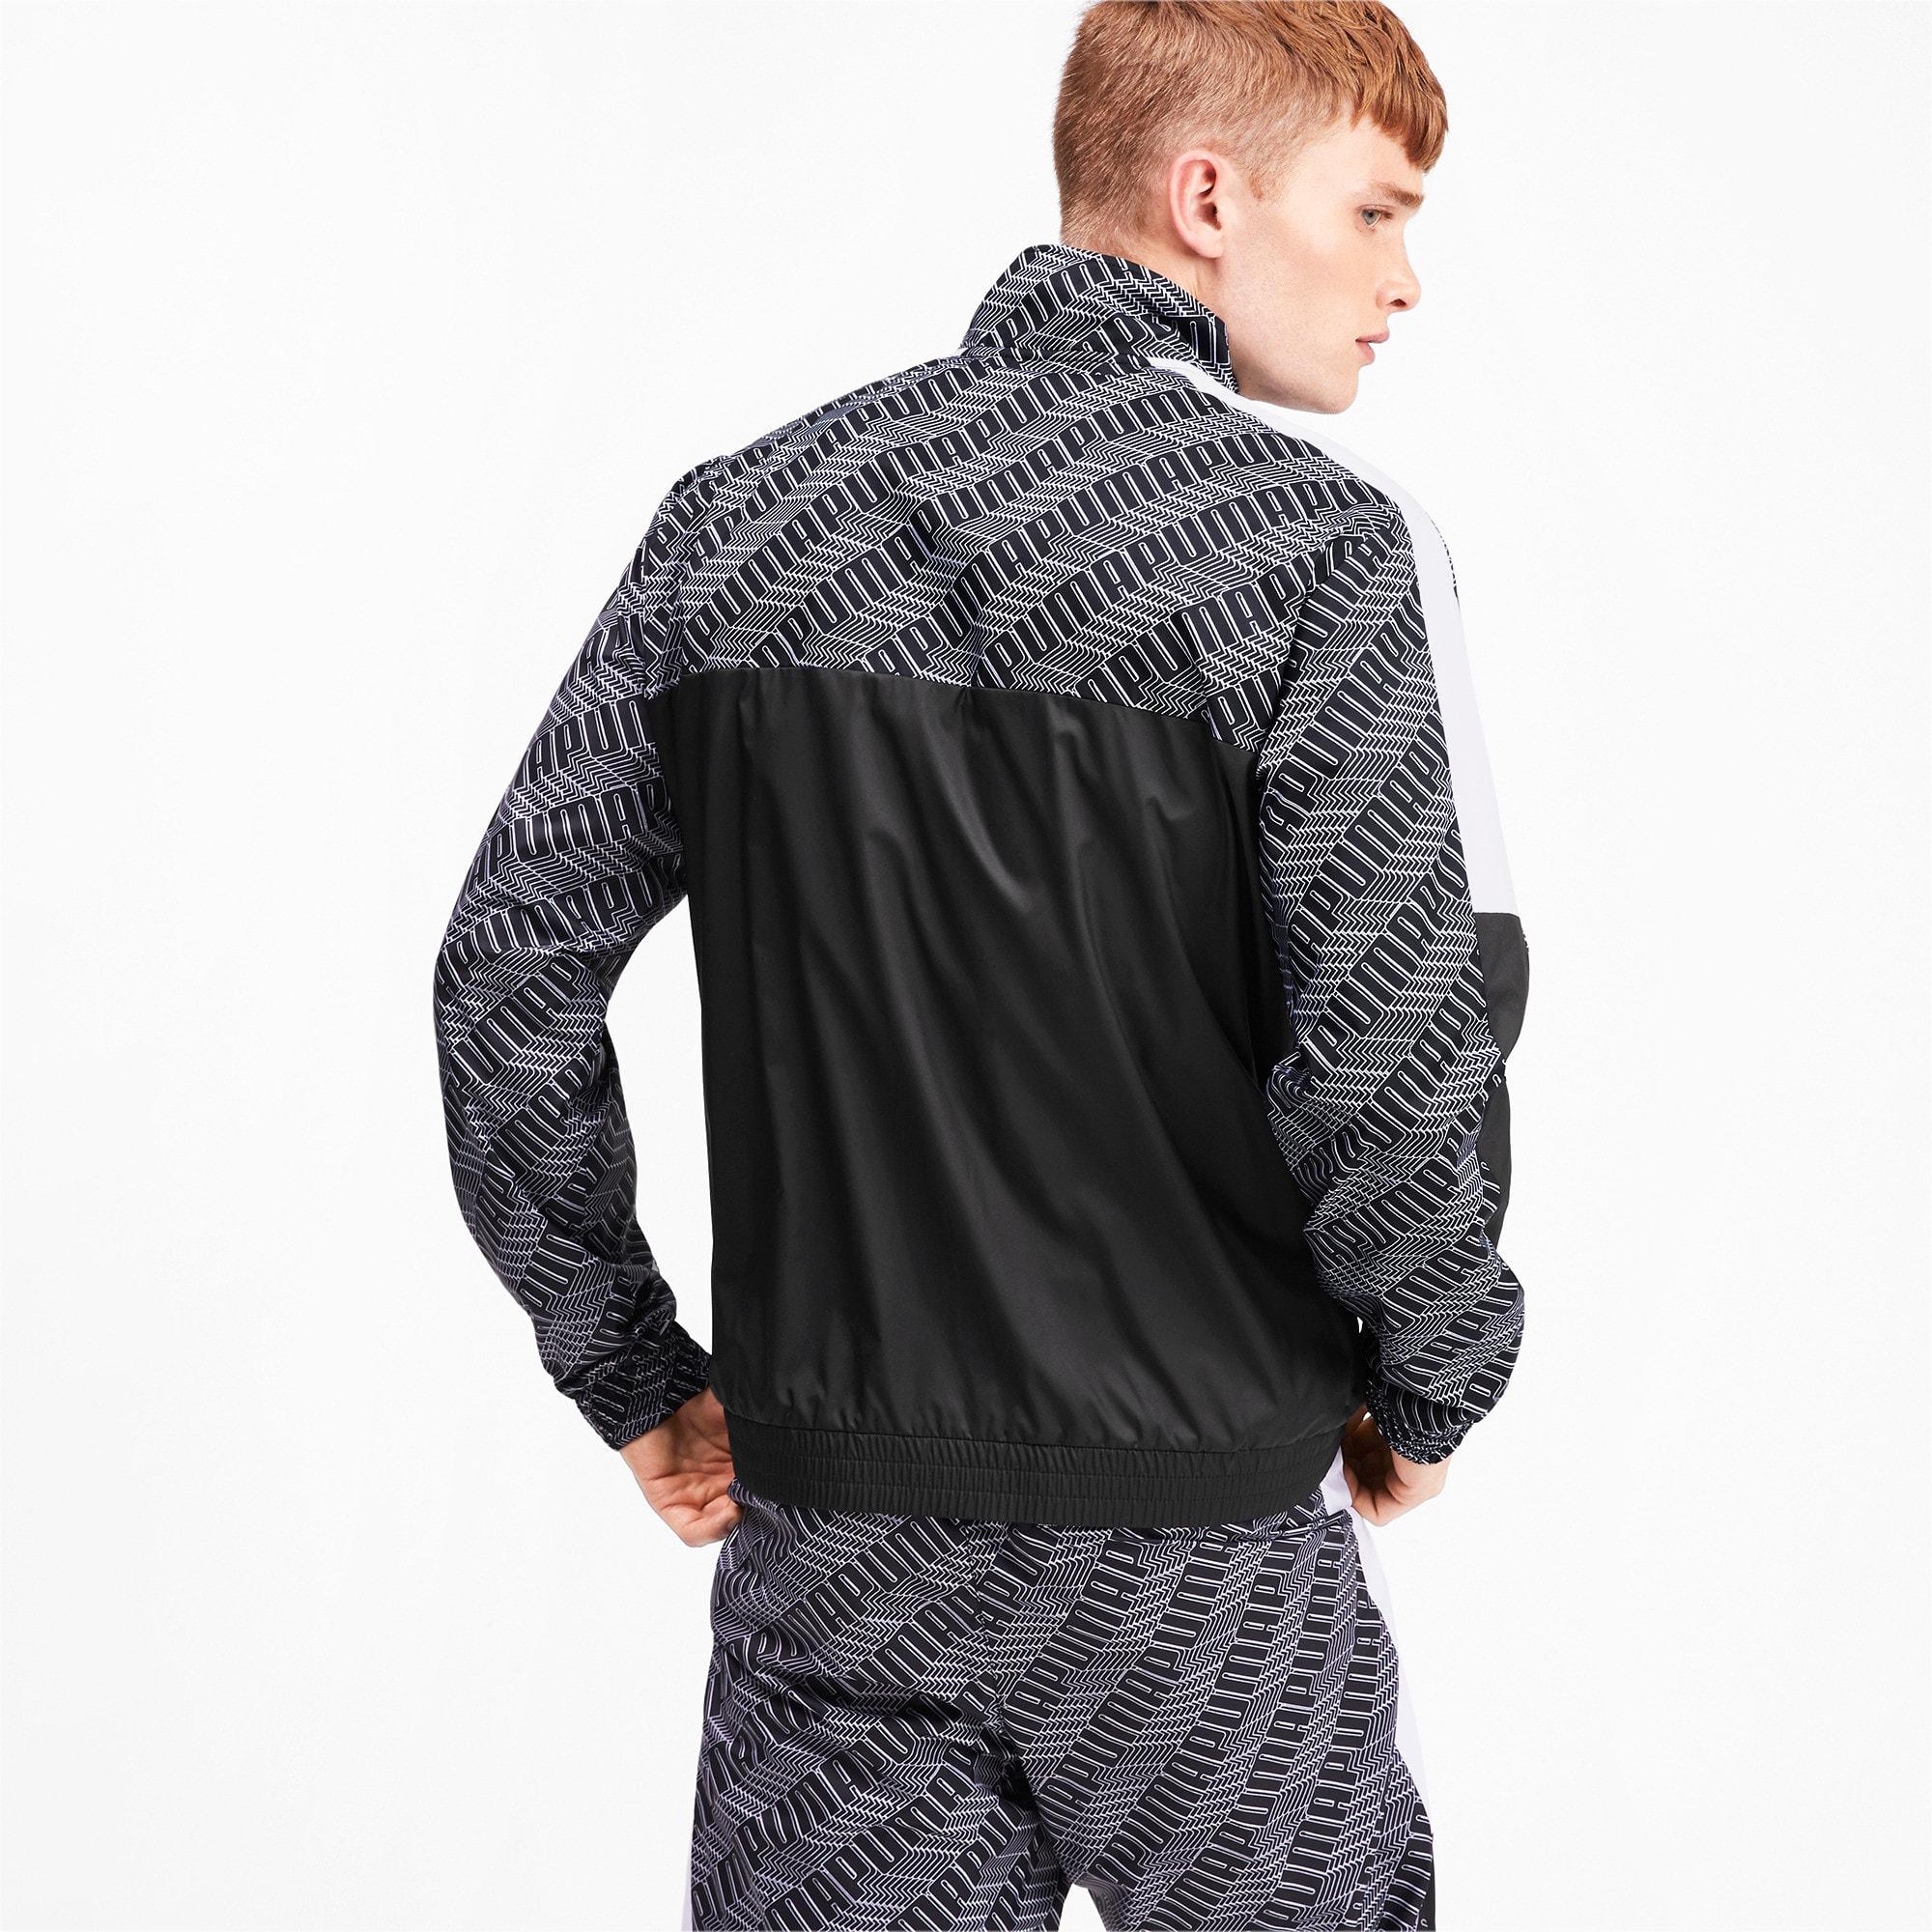 Thumbnail 3 of T7 Men's AOP Track Jacket, Puma Black-Repeat logo, medium